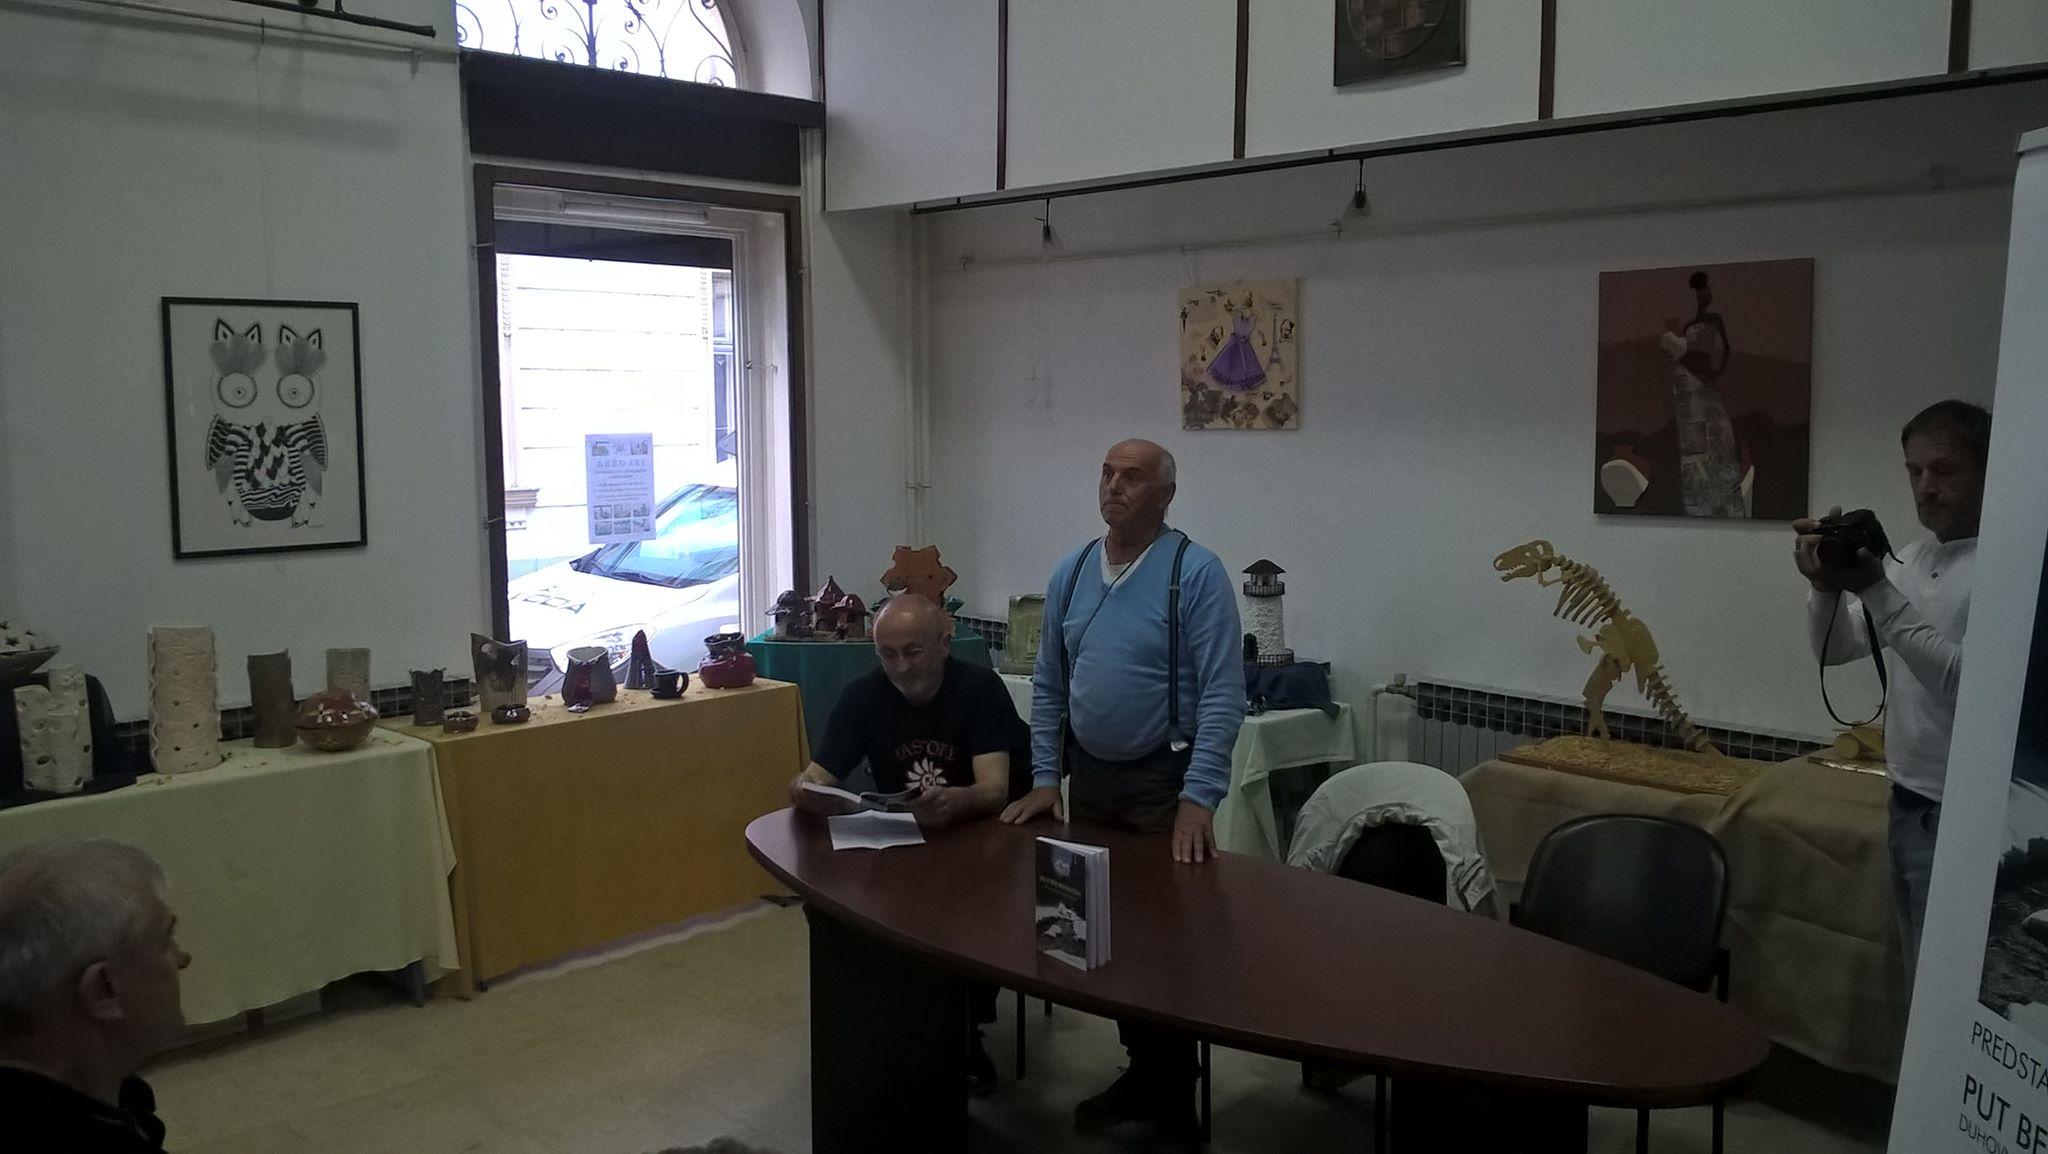 """Promocija knjige Luke Hodaka """"Put bez povratka"""" u Knjižnici za mlade u Karlovcu 18. 5. 2016. Foto: Miroslav Katić"""